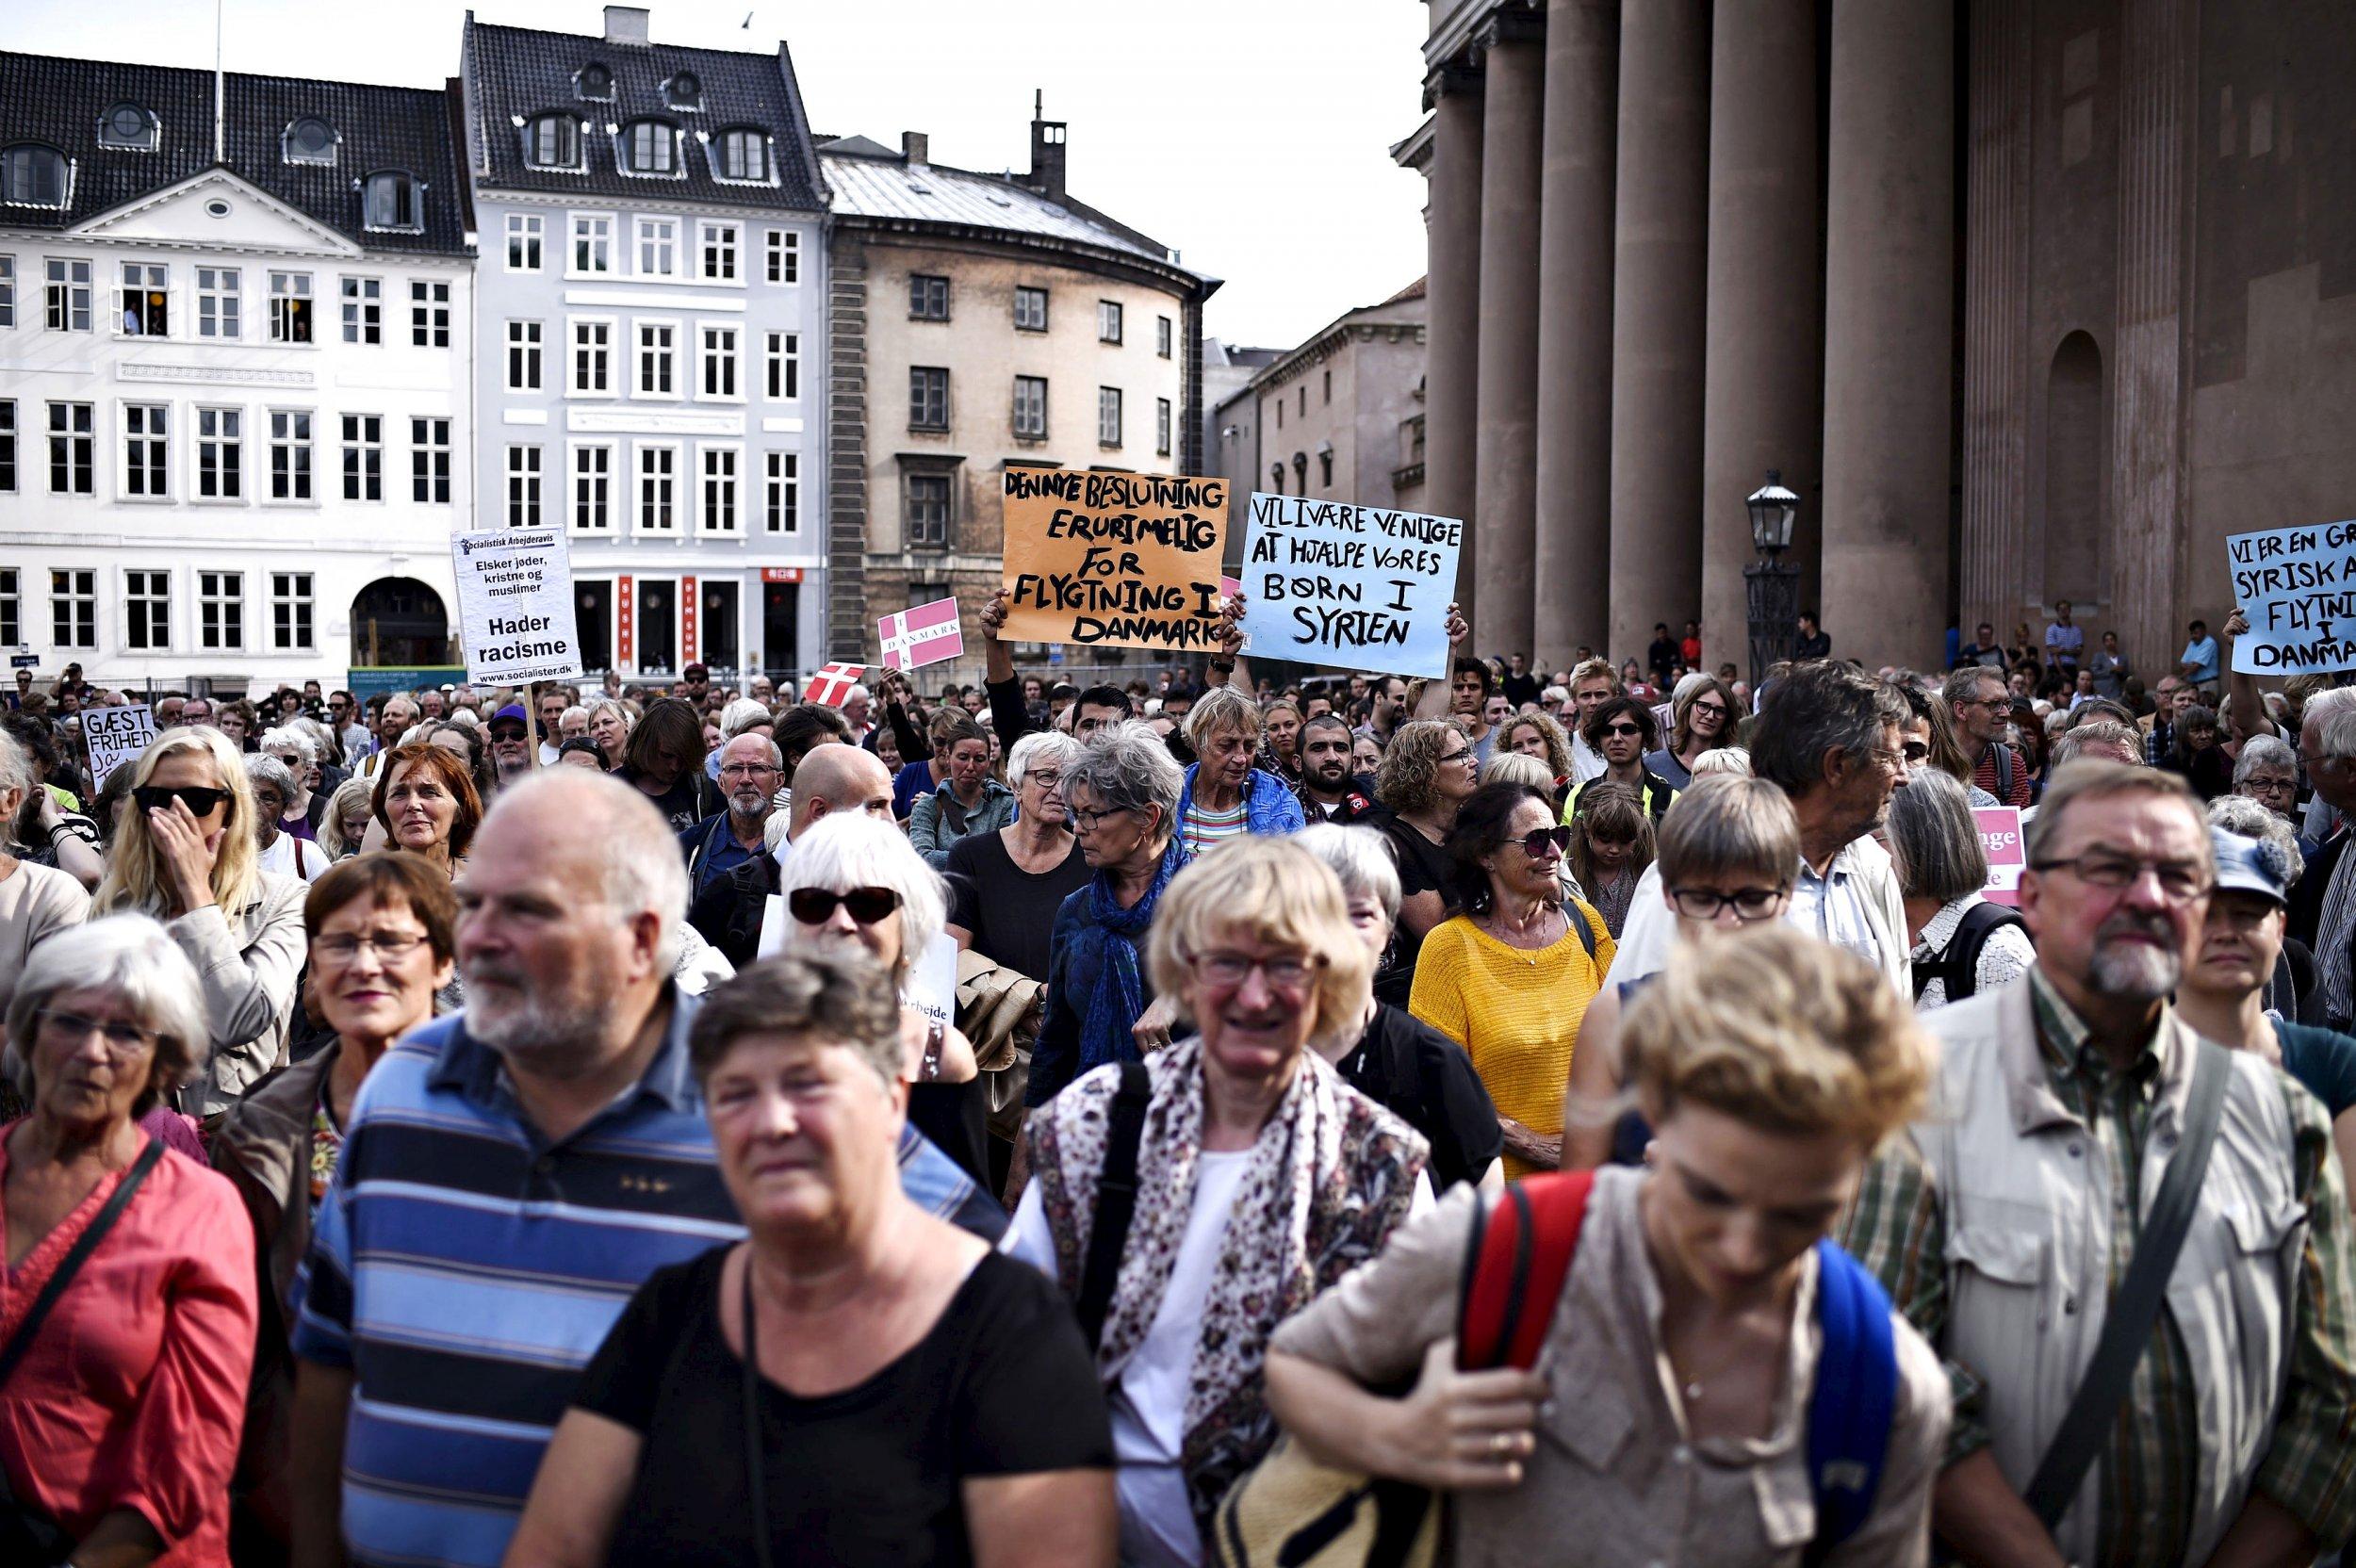 9-7-15 Denmark demonstration